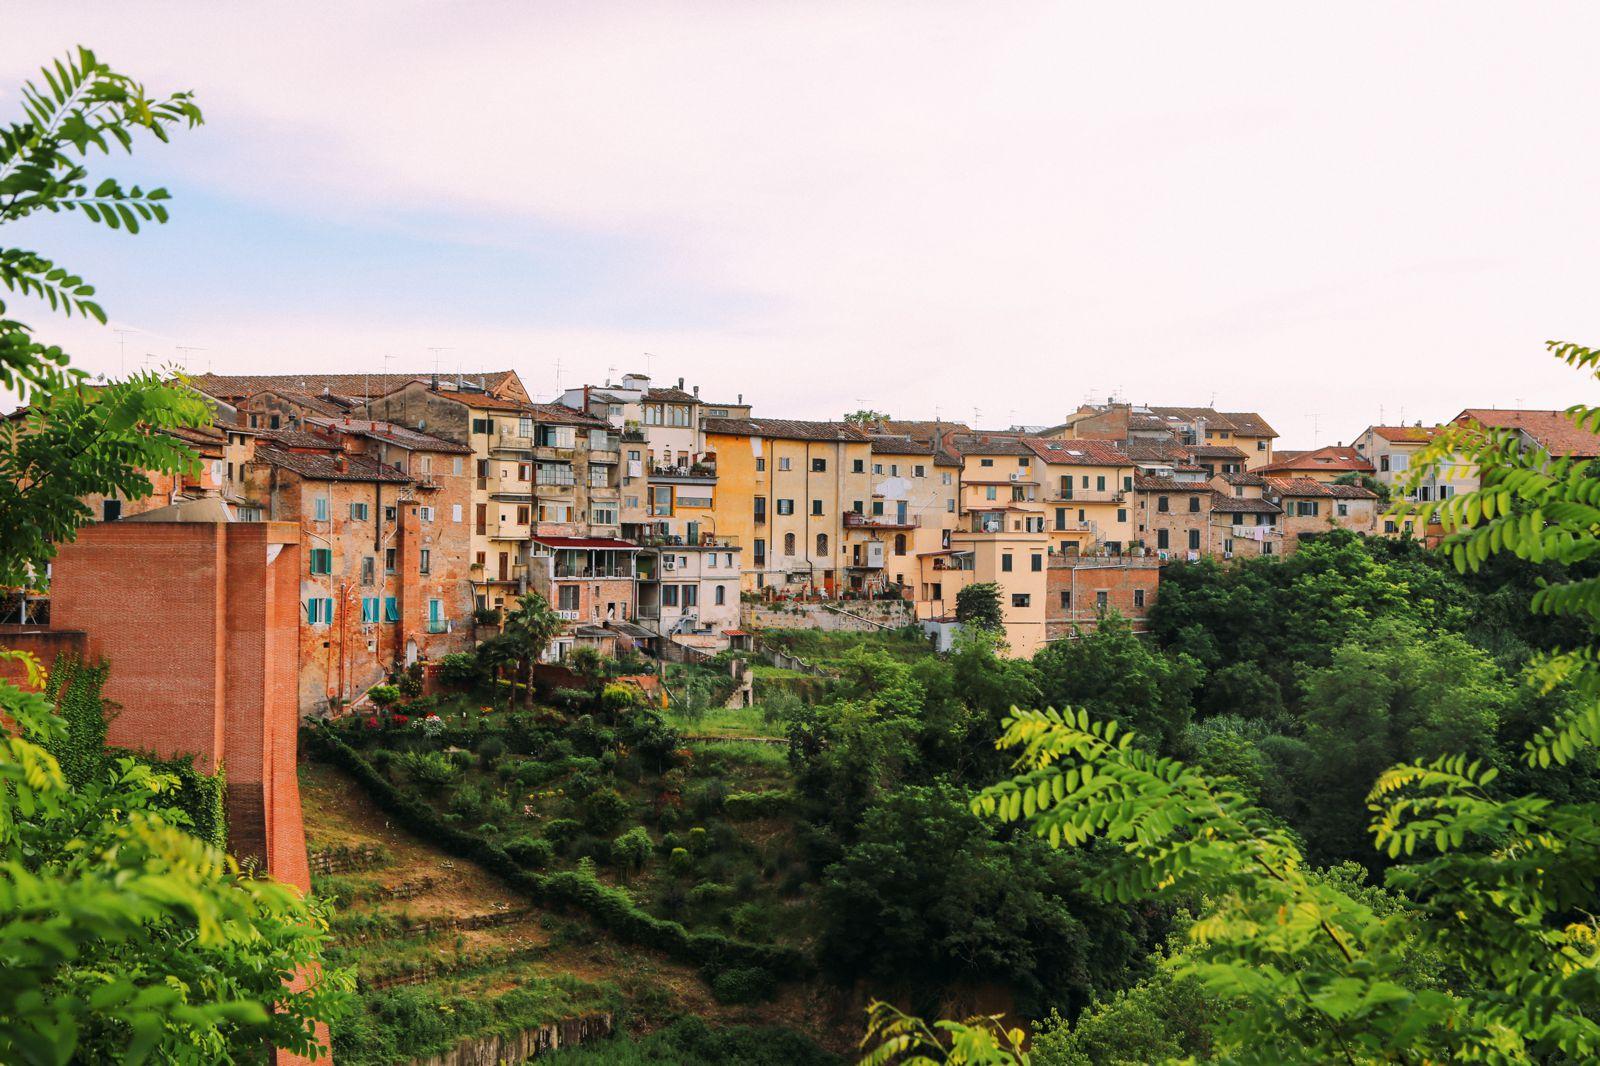 The Beautiful Tuscan Town Of San Miniato, Italy (14)